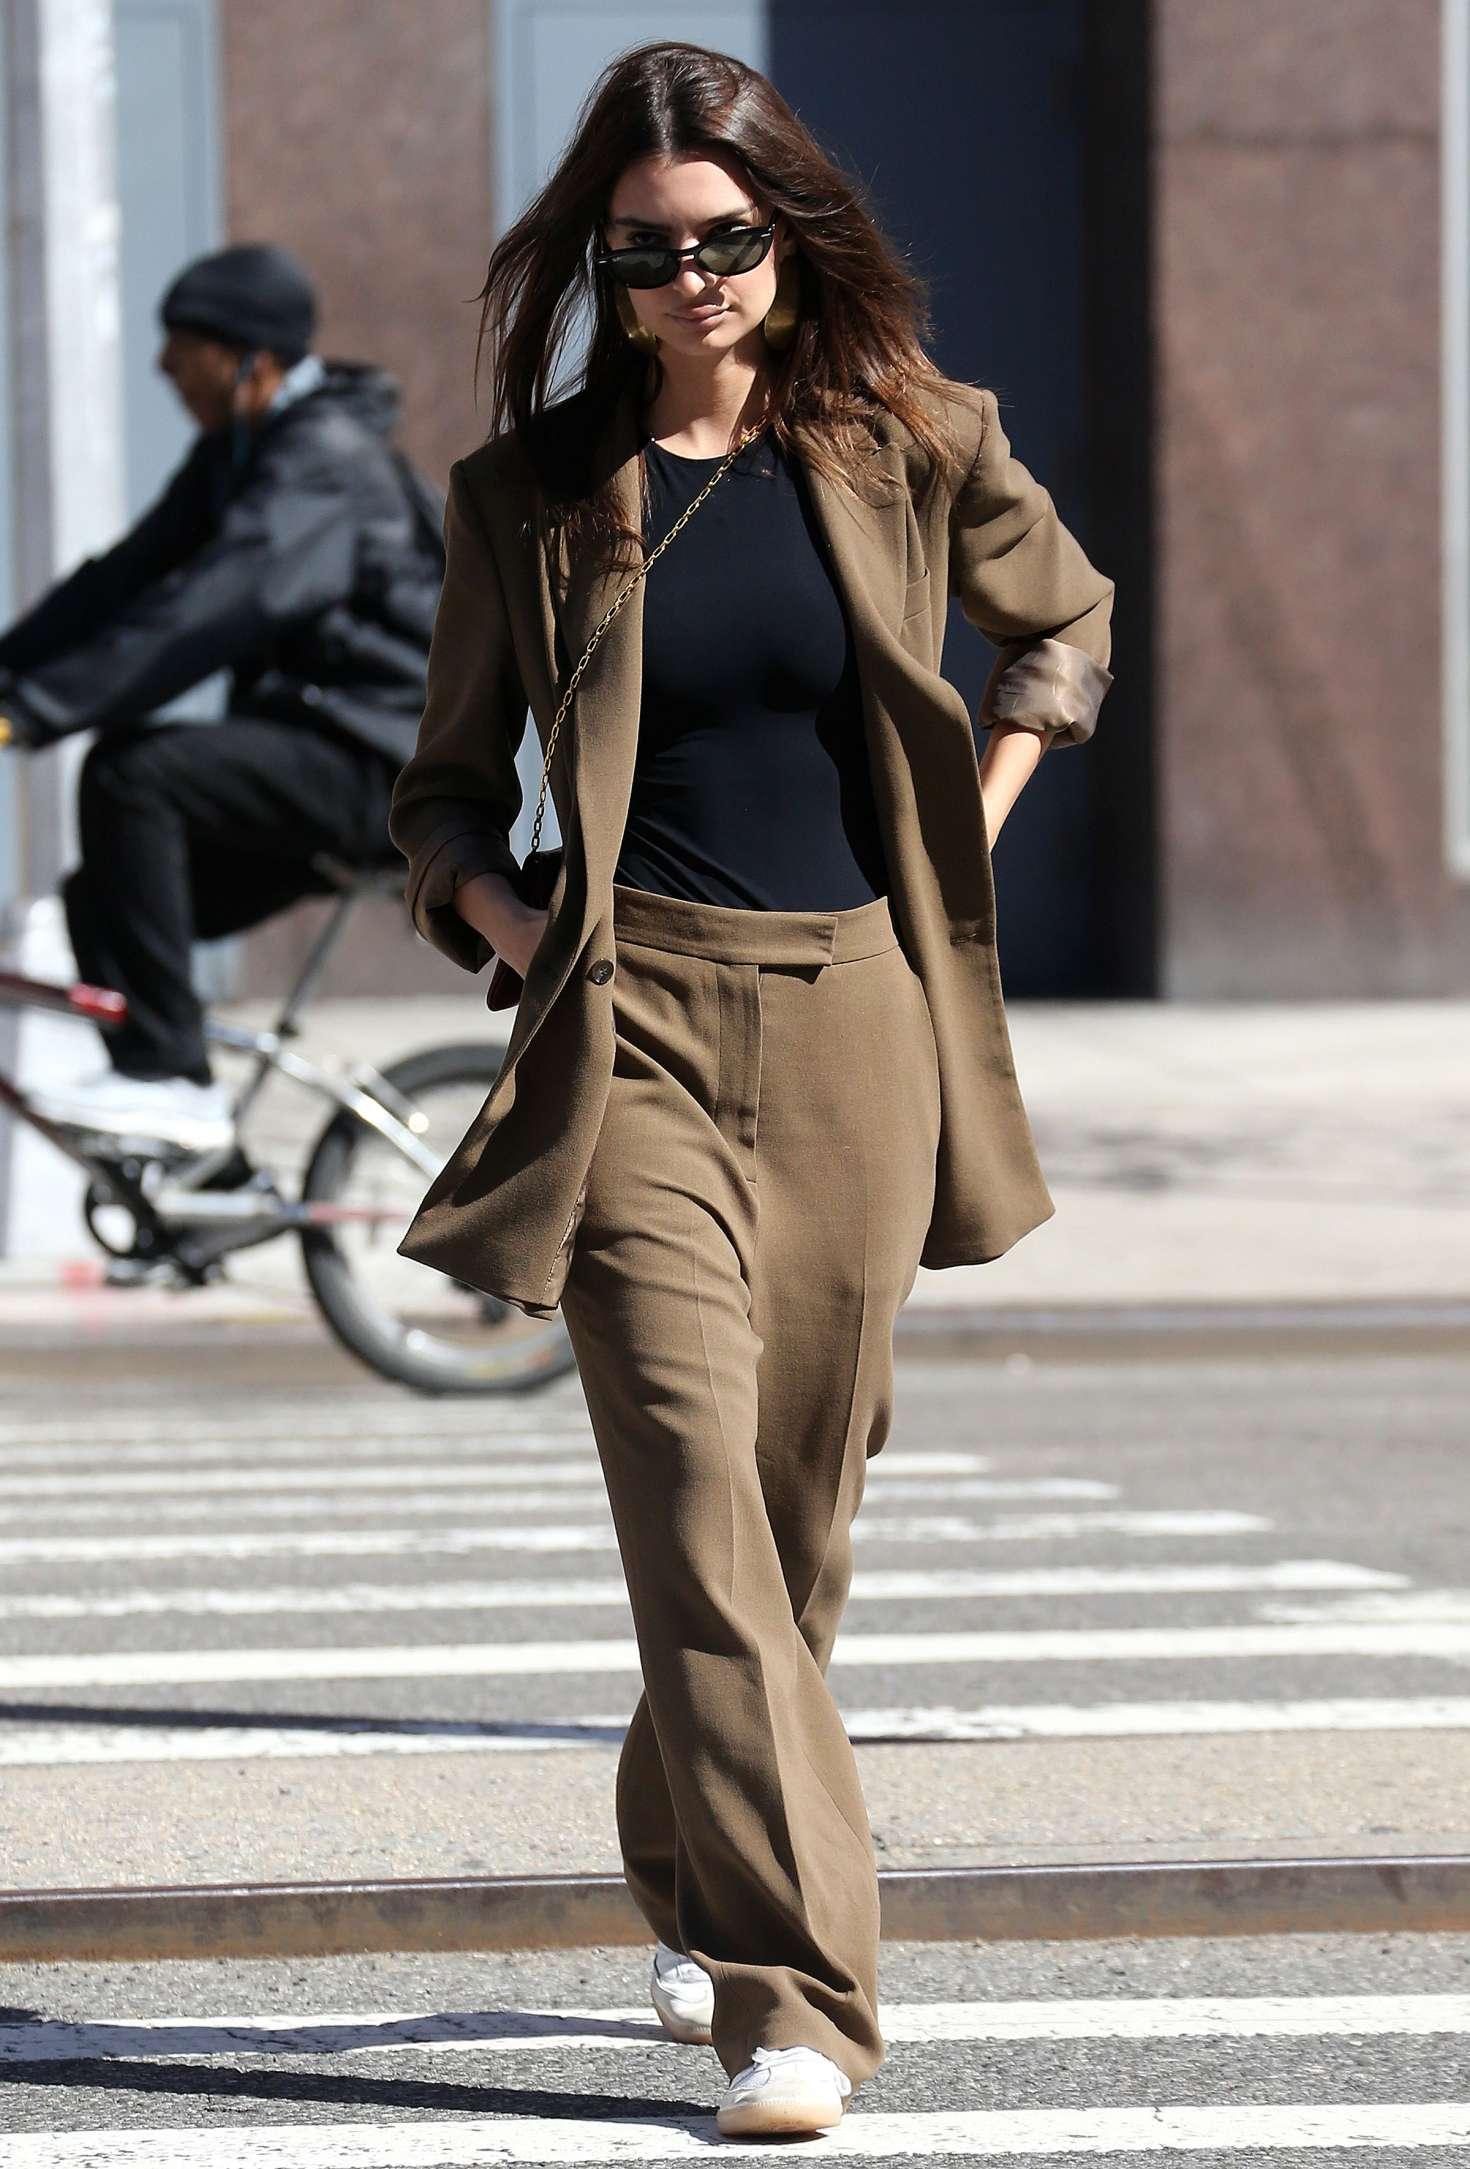 Emily Ratajkowski 2019 : Emily Ratajkowski in Brown Suit -18